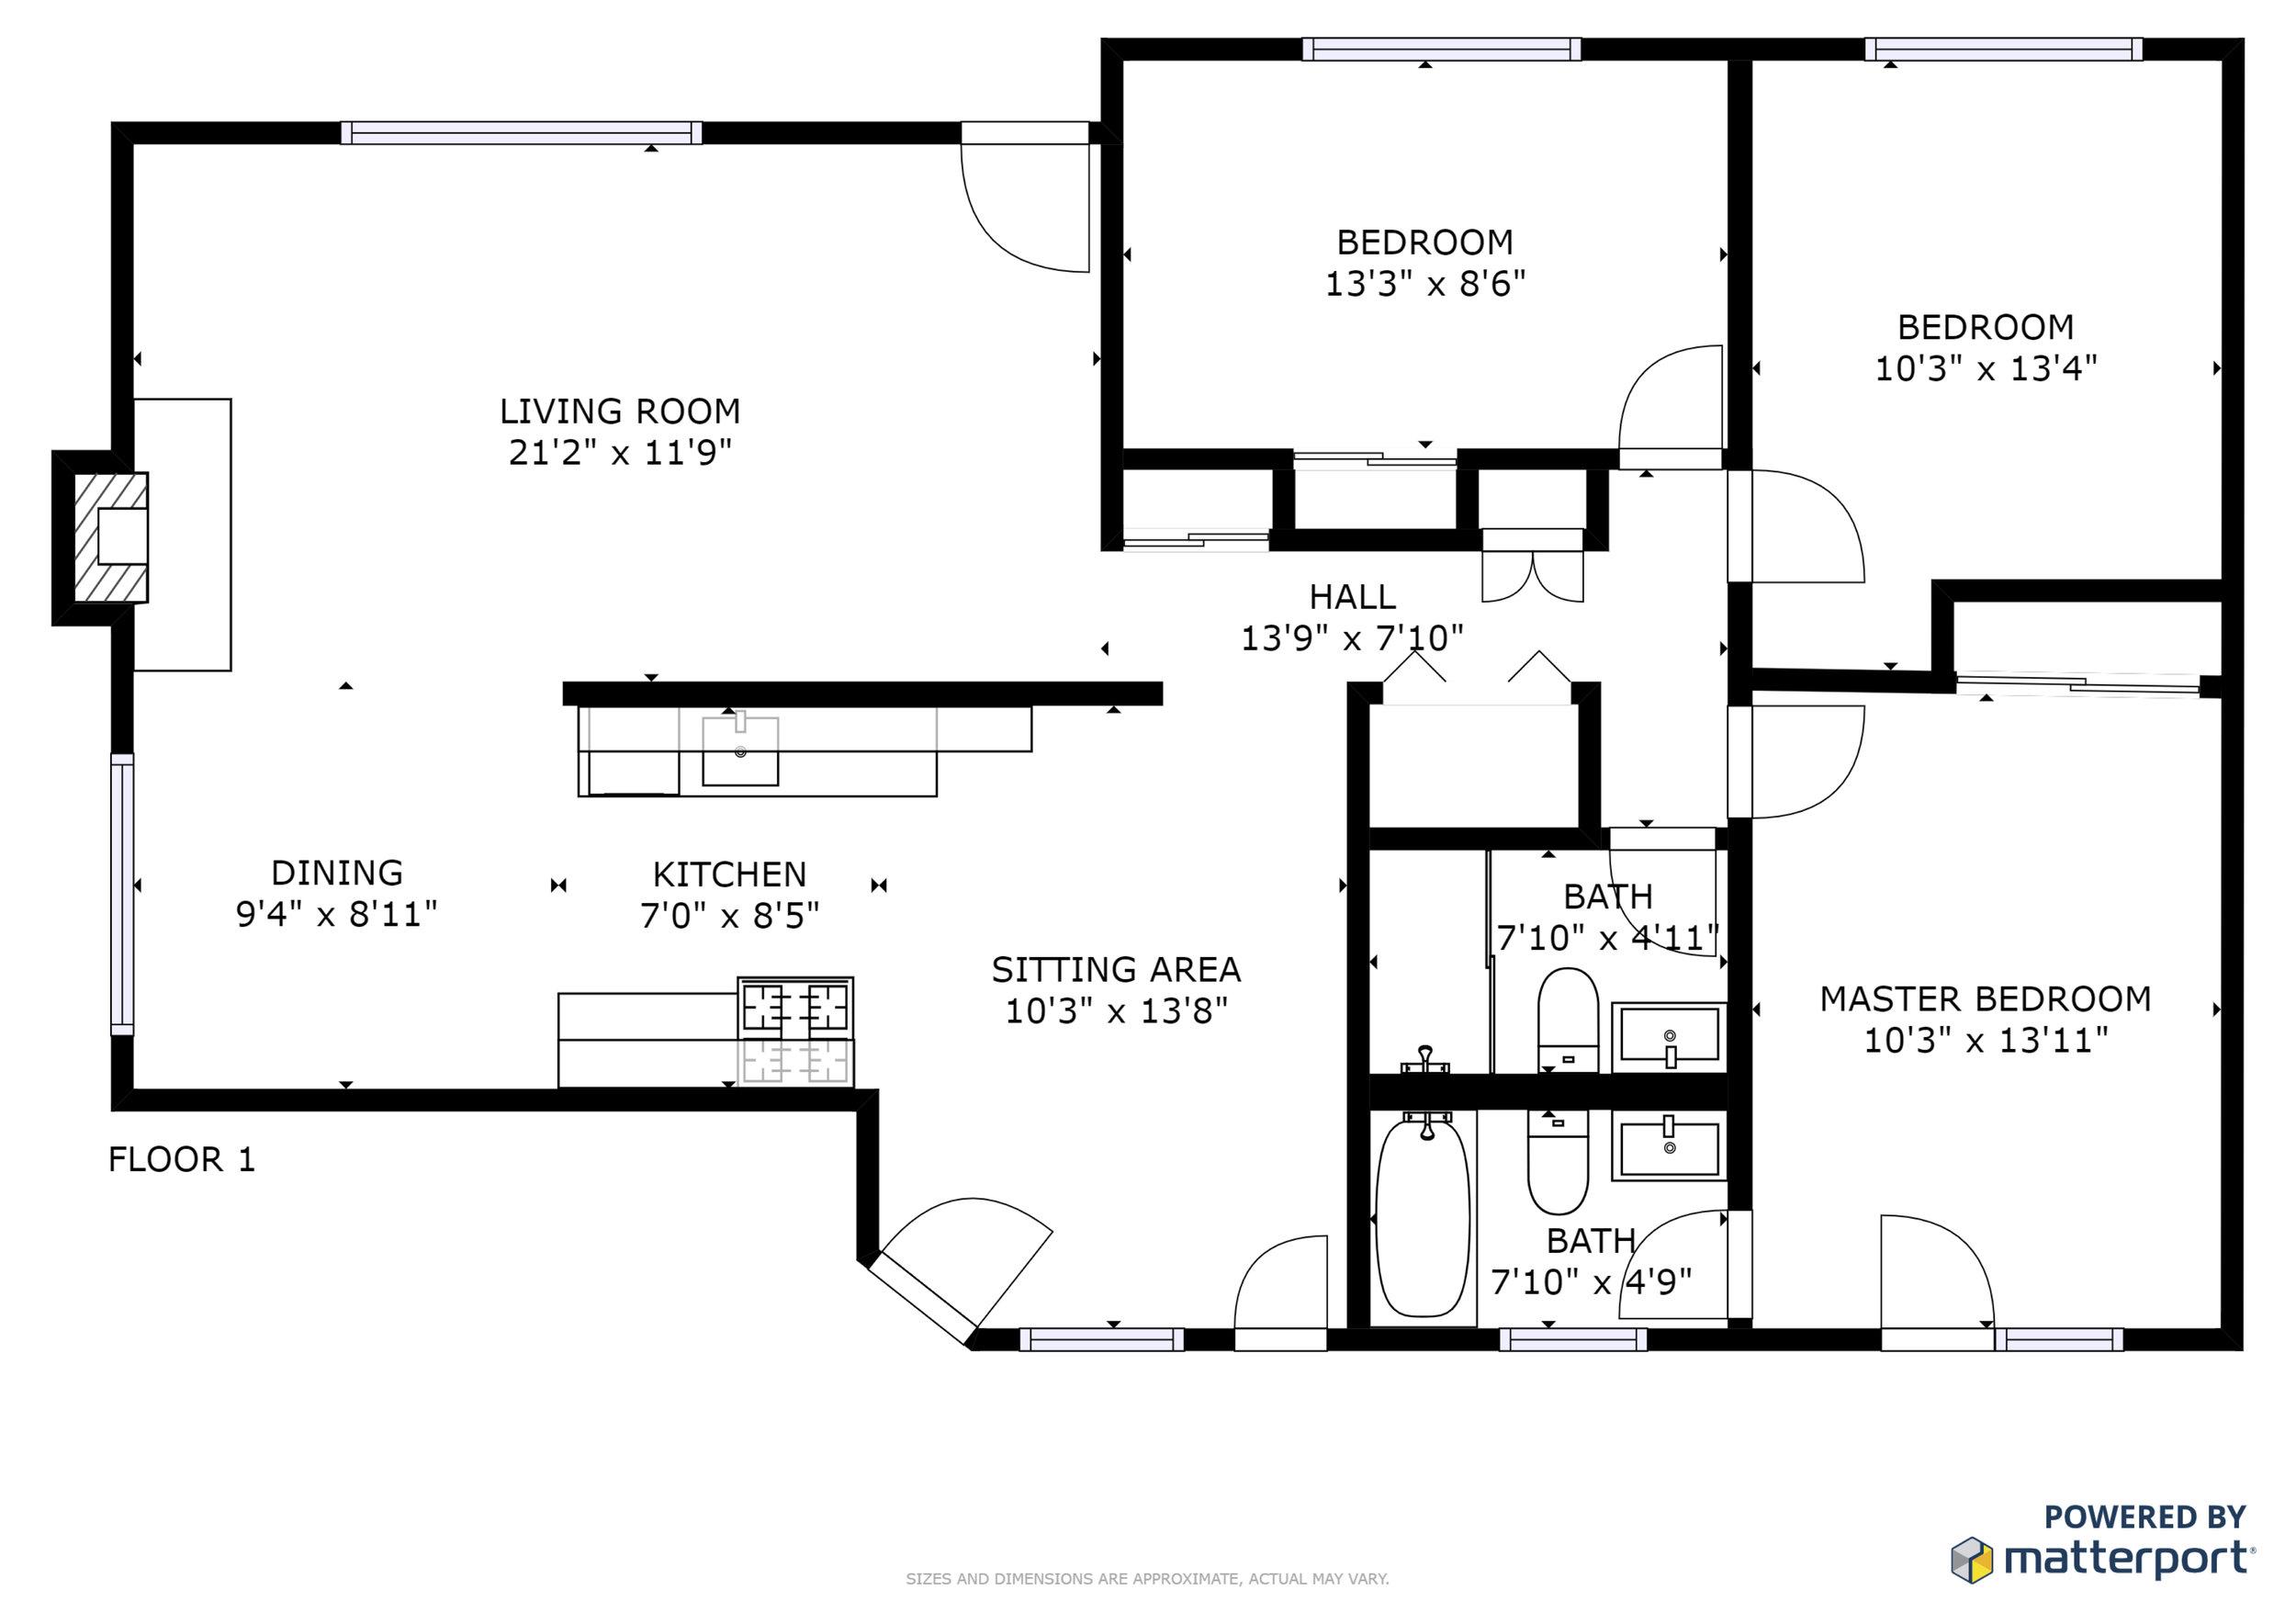 floor plan front unit.jpg